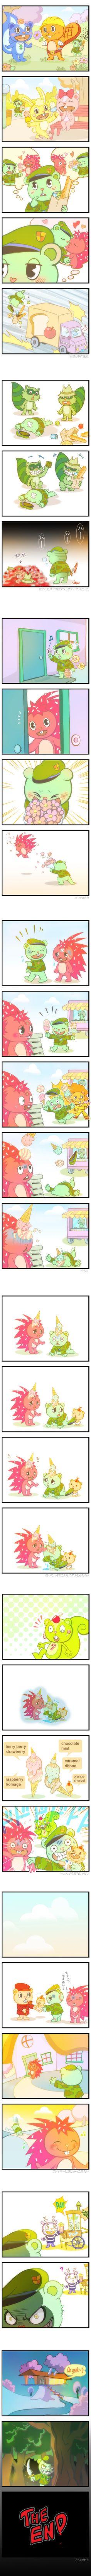 flippy y flaky comic not mine by floppynoe.deviantart.com on @deviantART